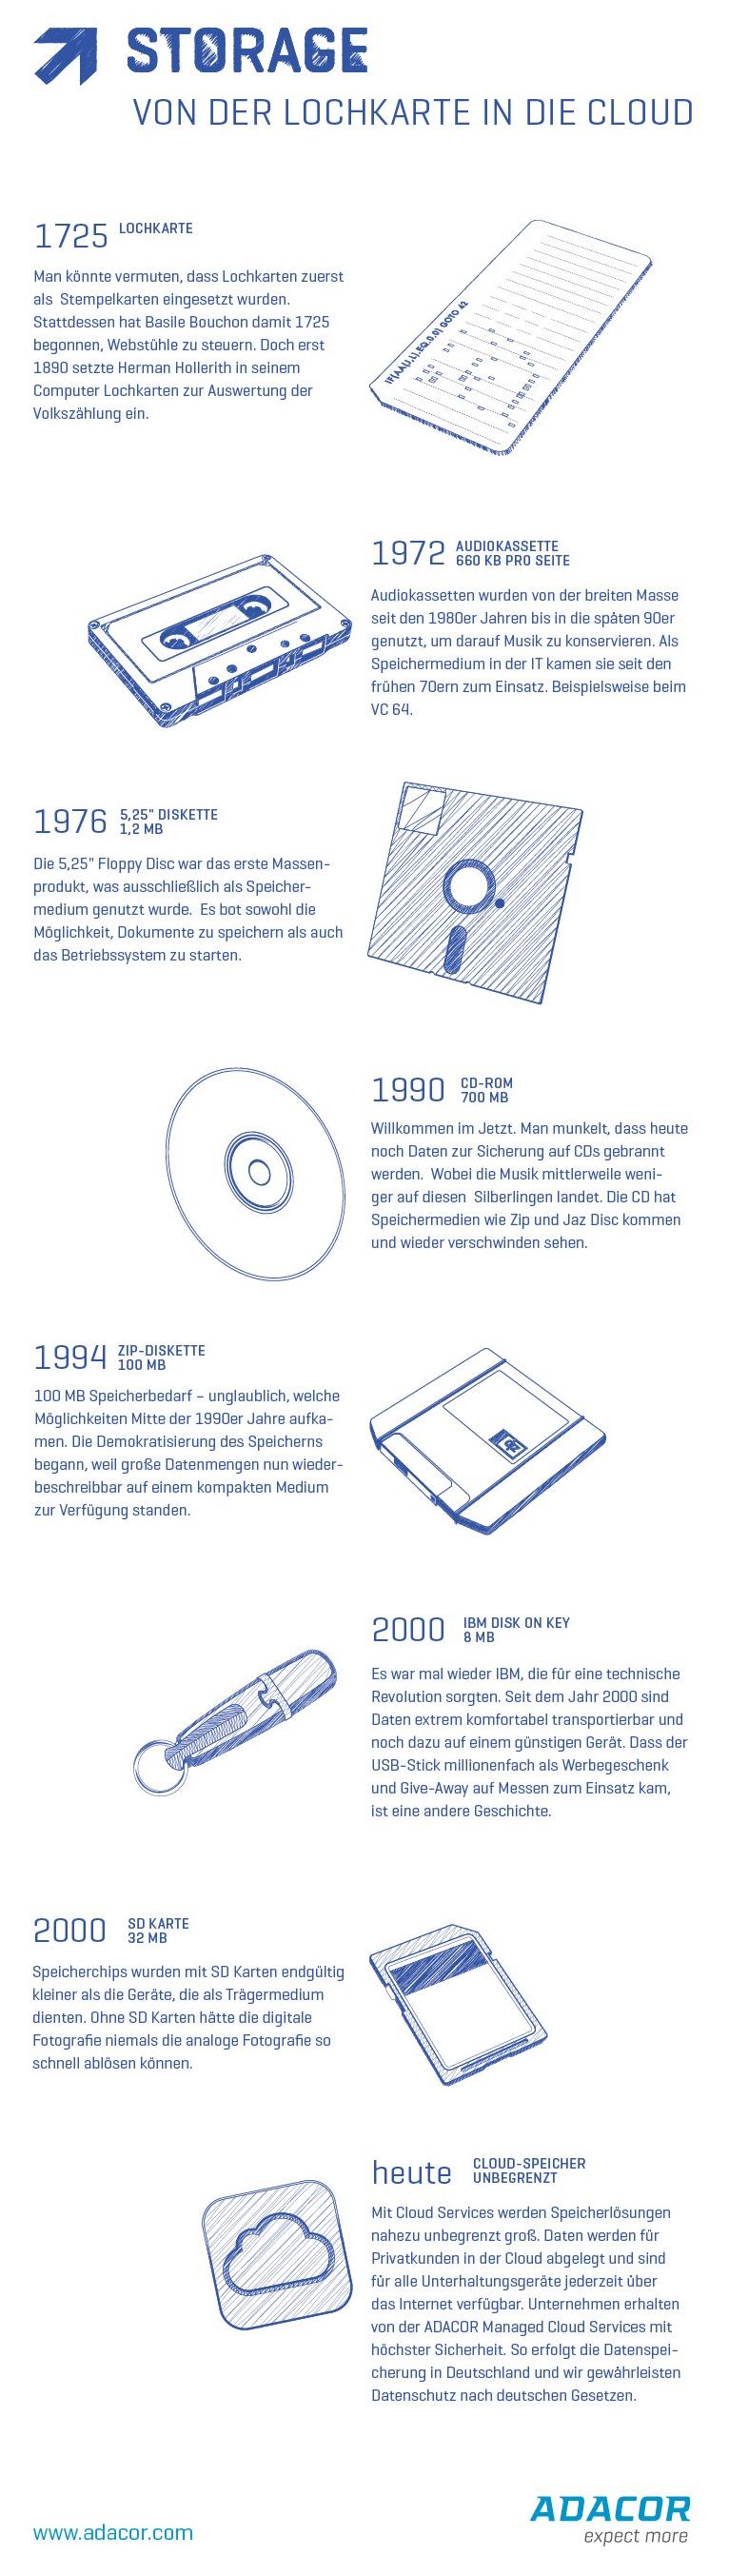 """Infografik Cloud Man könnte vermuten, dass Lochkarten zuerst als Stempelkarten eingesetzt wurden. Stattdessen hat Basile Bouchon damit 1725 begonnen Webstühle zu steuern. Doch erst 1890 setzte Herman Hollerith in seinem Computer Lochkarten zur Auswertung der Volkszählung ein. Cassetten als Audiokasstetten - wie es richtig heißt – dienten eigentlich dazu Schallplatten von Freunden zu kopieren und Mixkassettten von Radiosendungen herzustellen. Sie kamen jedoch ebenso als Speicher für Computer zum Einsatz. Sagenhafte 660 KB standen pro Seite zur Verfügung. 1976 war es dann soweit. Die 5,25"""" Floppy Disc war das erste Massenprodukt, das als Speichermedium in der IT zum Einsatz kam. Beispielsweise beim VC 64. Es bot die Möglichkeit Dokumente zu speichern, als auch das Betriebssystem zu starten. Willkommen in der Jetzt-Zeit. Denn man munkelt, dass heute noch Daten zur Sicherung auf CDs gebrannt werden. Wobei Musik mit stark sinkender Tendenz auf diesen Silberlingen landet. Parallel hat die CD andere Speichermedien wie Zip und Jaz Disc kommen und wieder verschwinden sehen. 100 MB Speicherbedarf – unglaublich, welche Möglichkeiten Mitte der 1990er Jahre aufkamen. Die Demokratisierung des Speicherns begann, weil große Datenmengen nun wiederbeschreibbar auf einem kompakten Medium zur Verfügung standen. IBM Disk on Key anders gesagt der USB Stick Es war mal wieder IBM, die für eine technische Revolution sorgten. Seit dem Jahr 2000 sind Daten extrem komfortabel transportierbar und noch dazu auf einem günstigen Gerät. Dass es millionenfach als Werbegeschenk und Give-Away auf Messen zum Einsatz kam ist eine andere Geschichte. Speicherchips wurden mit SD Karten endgültig kleiner als die Geräte, die als Trägermedium dienten. Ohne SD-Karten hätte die digitale Fotografie niemals die analoge Fotografie so schnell ablösen können. Cloud Storage Mit Cloud Servern und darauf platzierten Cloud Services werden Speicherlösungen nahezu unbegrenzt groß. Daten werden für Privatkunden in der Clou"""